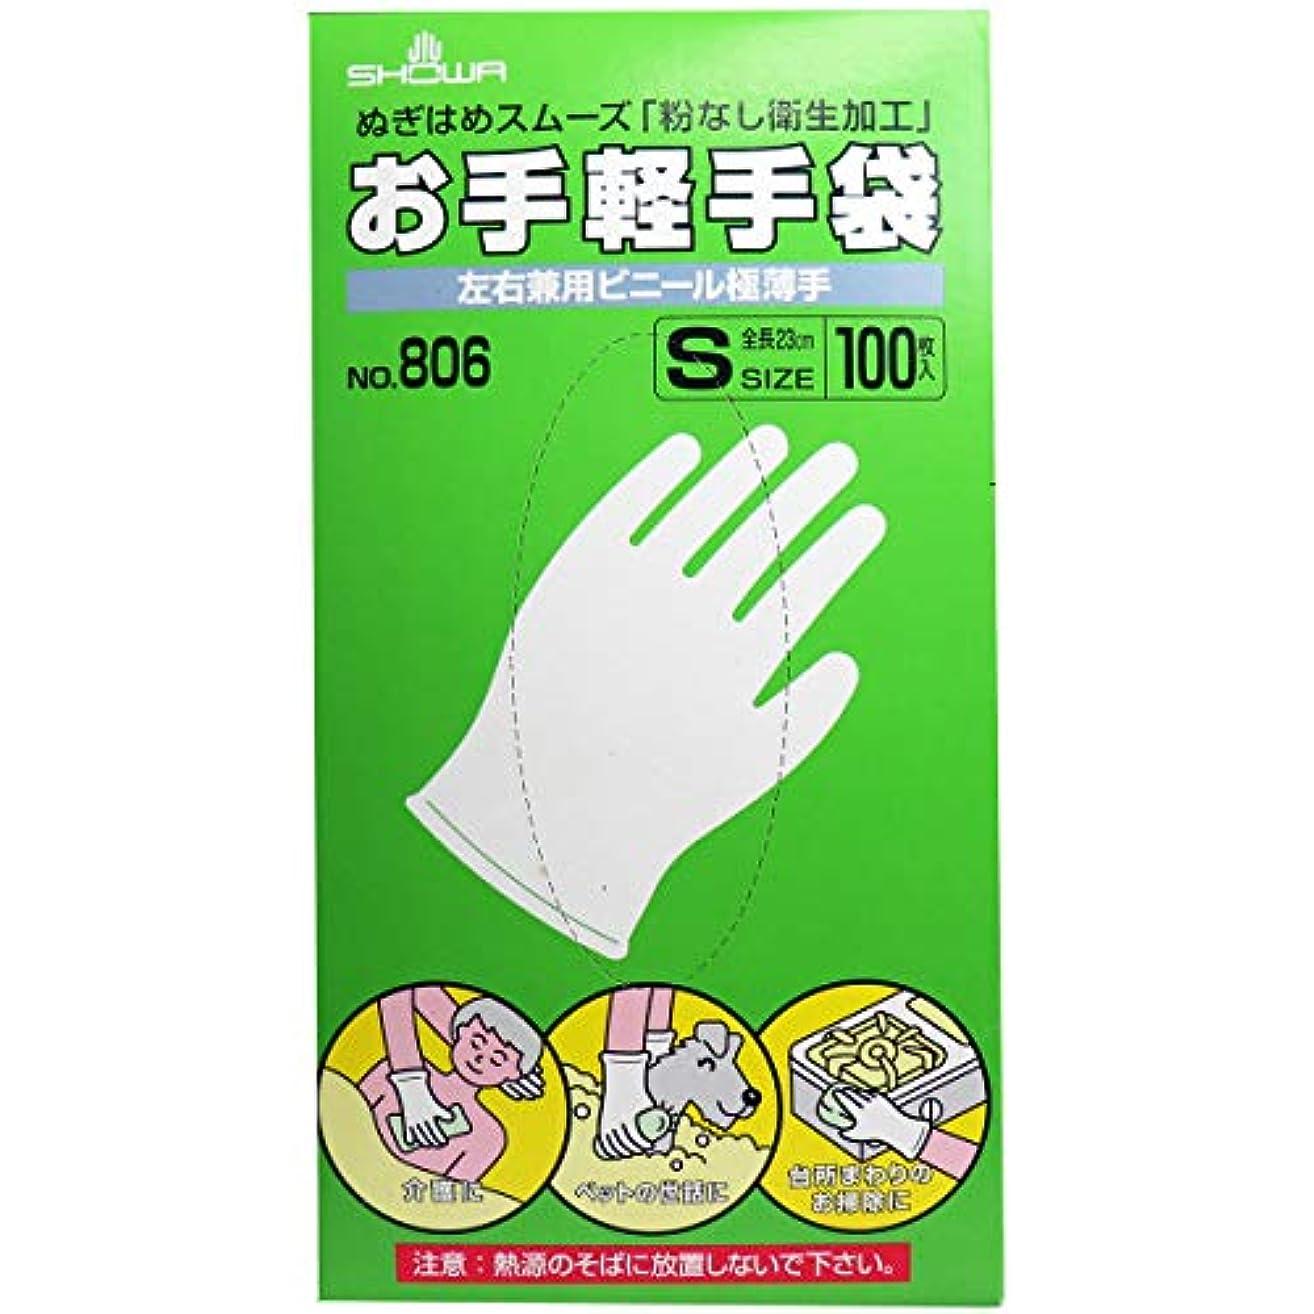 終わった切り離す郵便屋さんお手軽手袋 No.806 左右兼用ビニール極薄手 粉なし Sサイズ 100枚入×2個セット